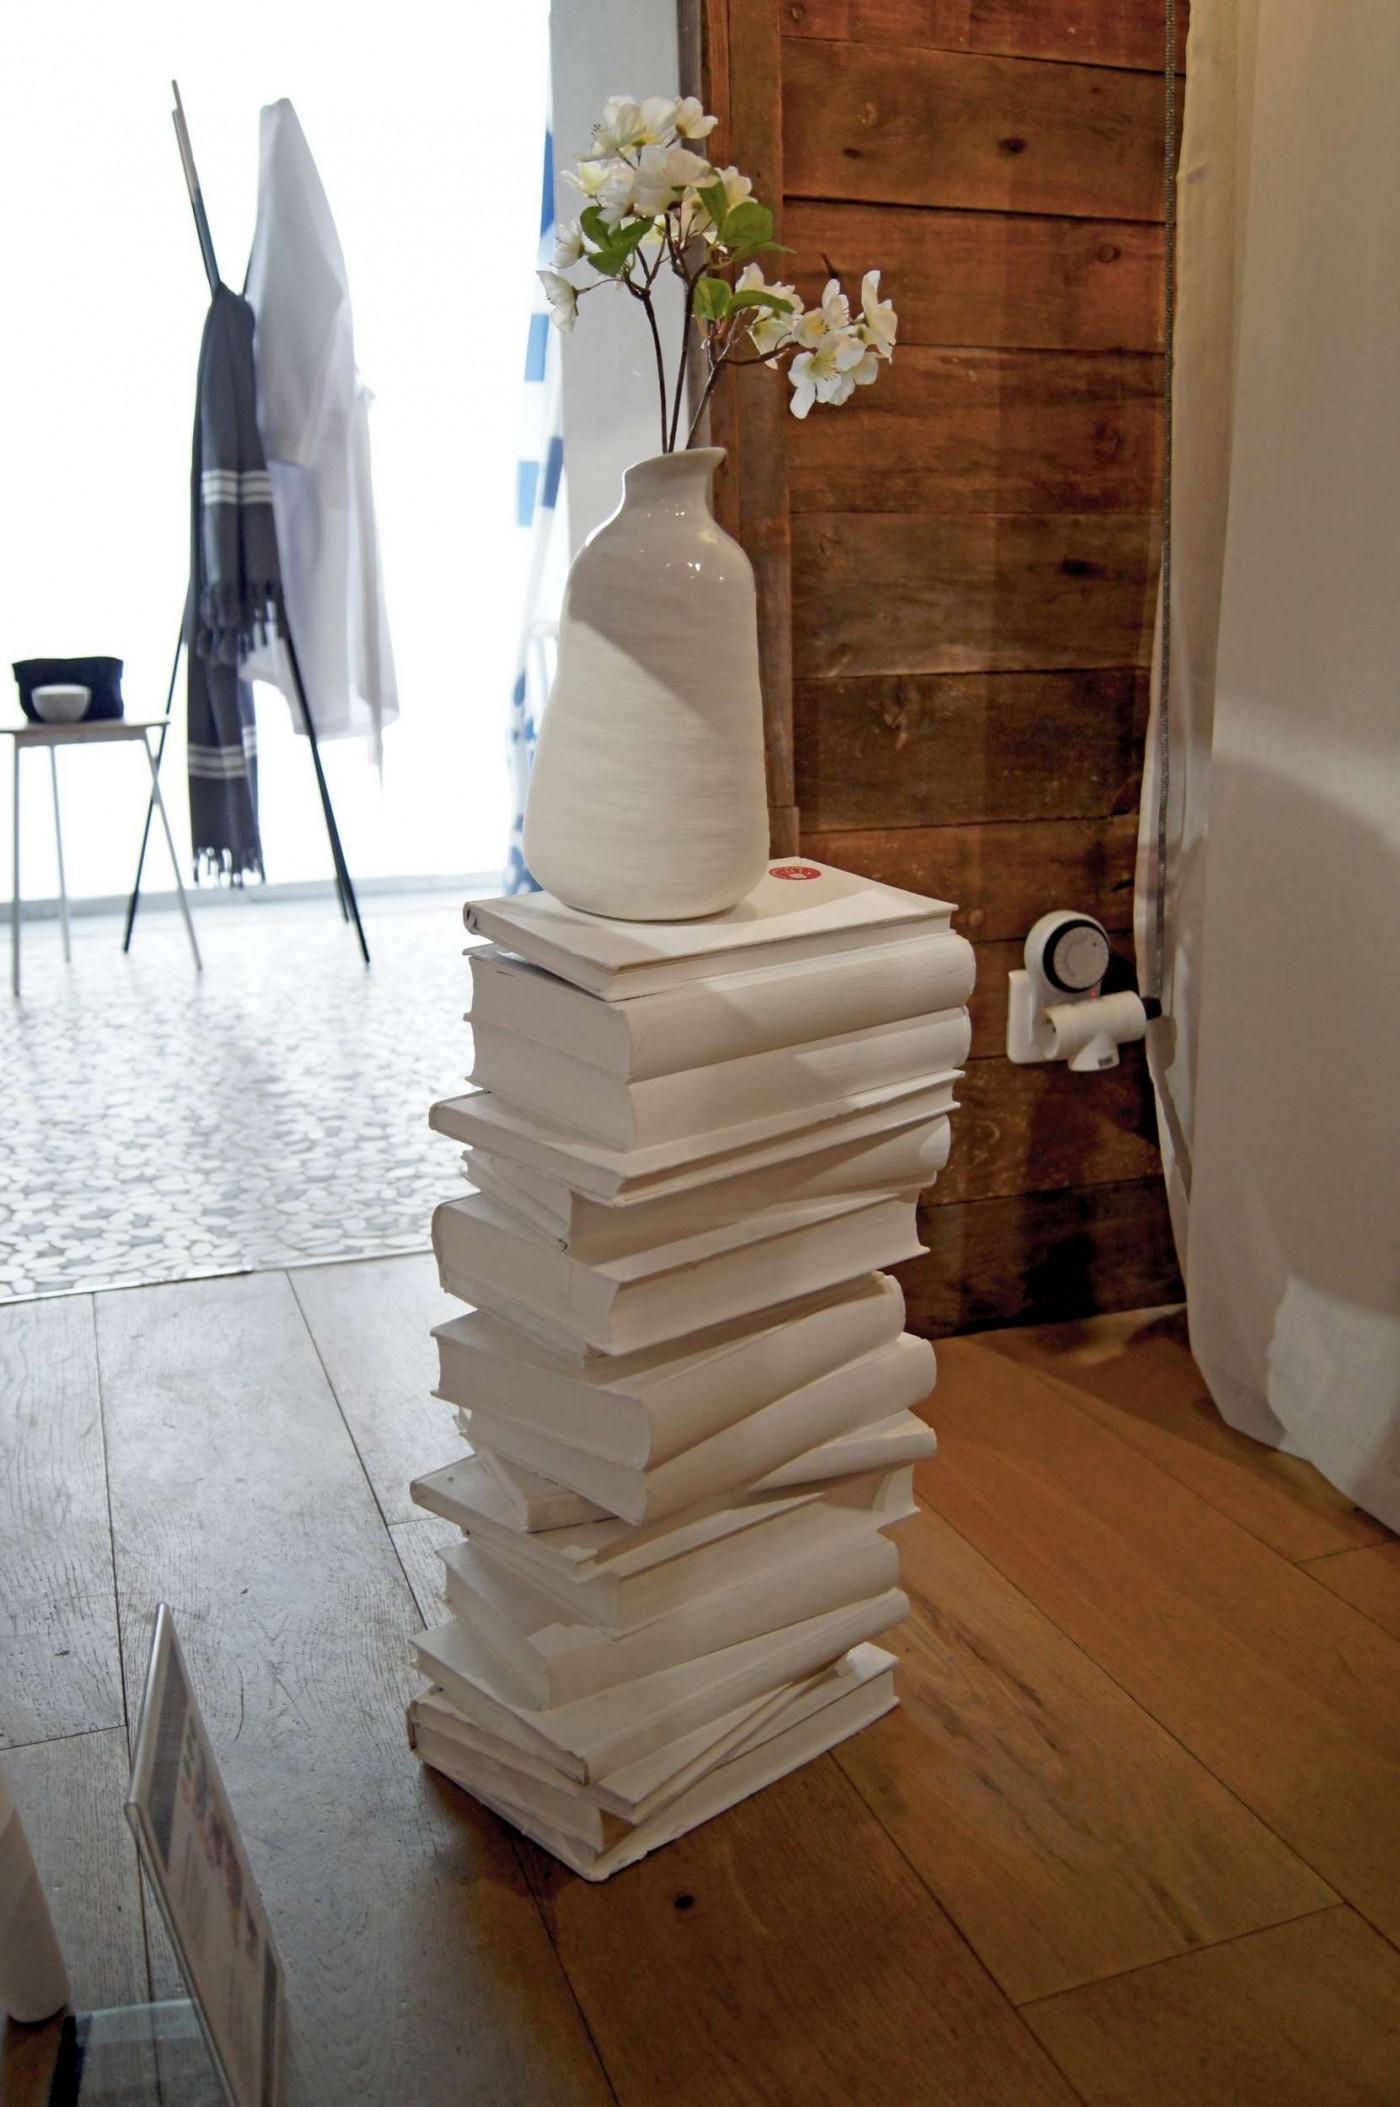 l 39 astuce d co de sophie ma table de nuit cr ative en livre blog z dio. Black Bedroom Furniture Sets. Home Design Ideas